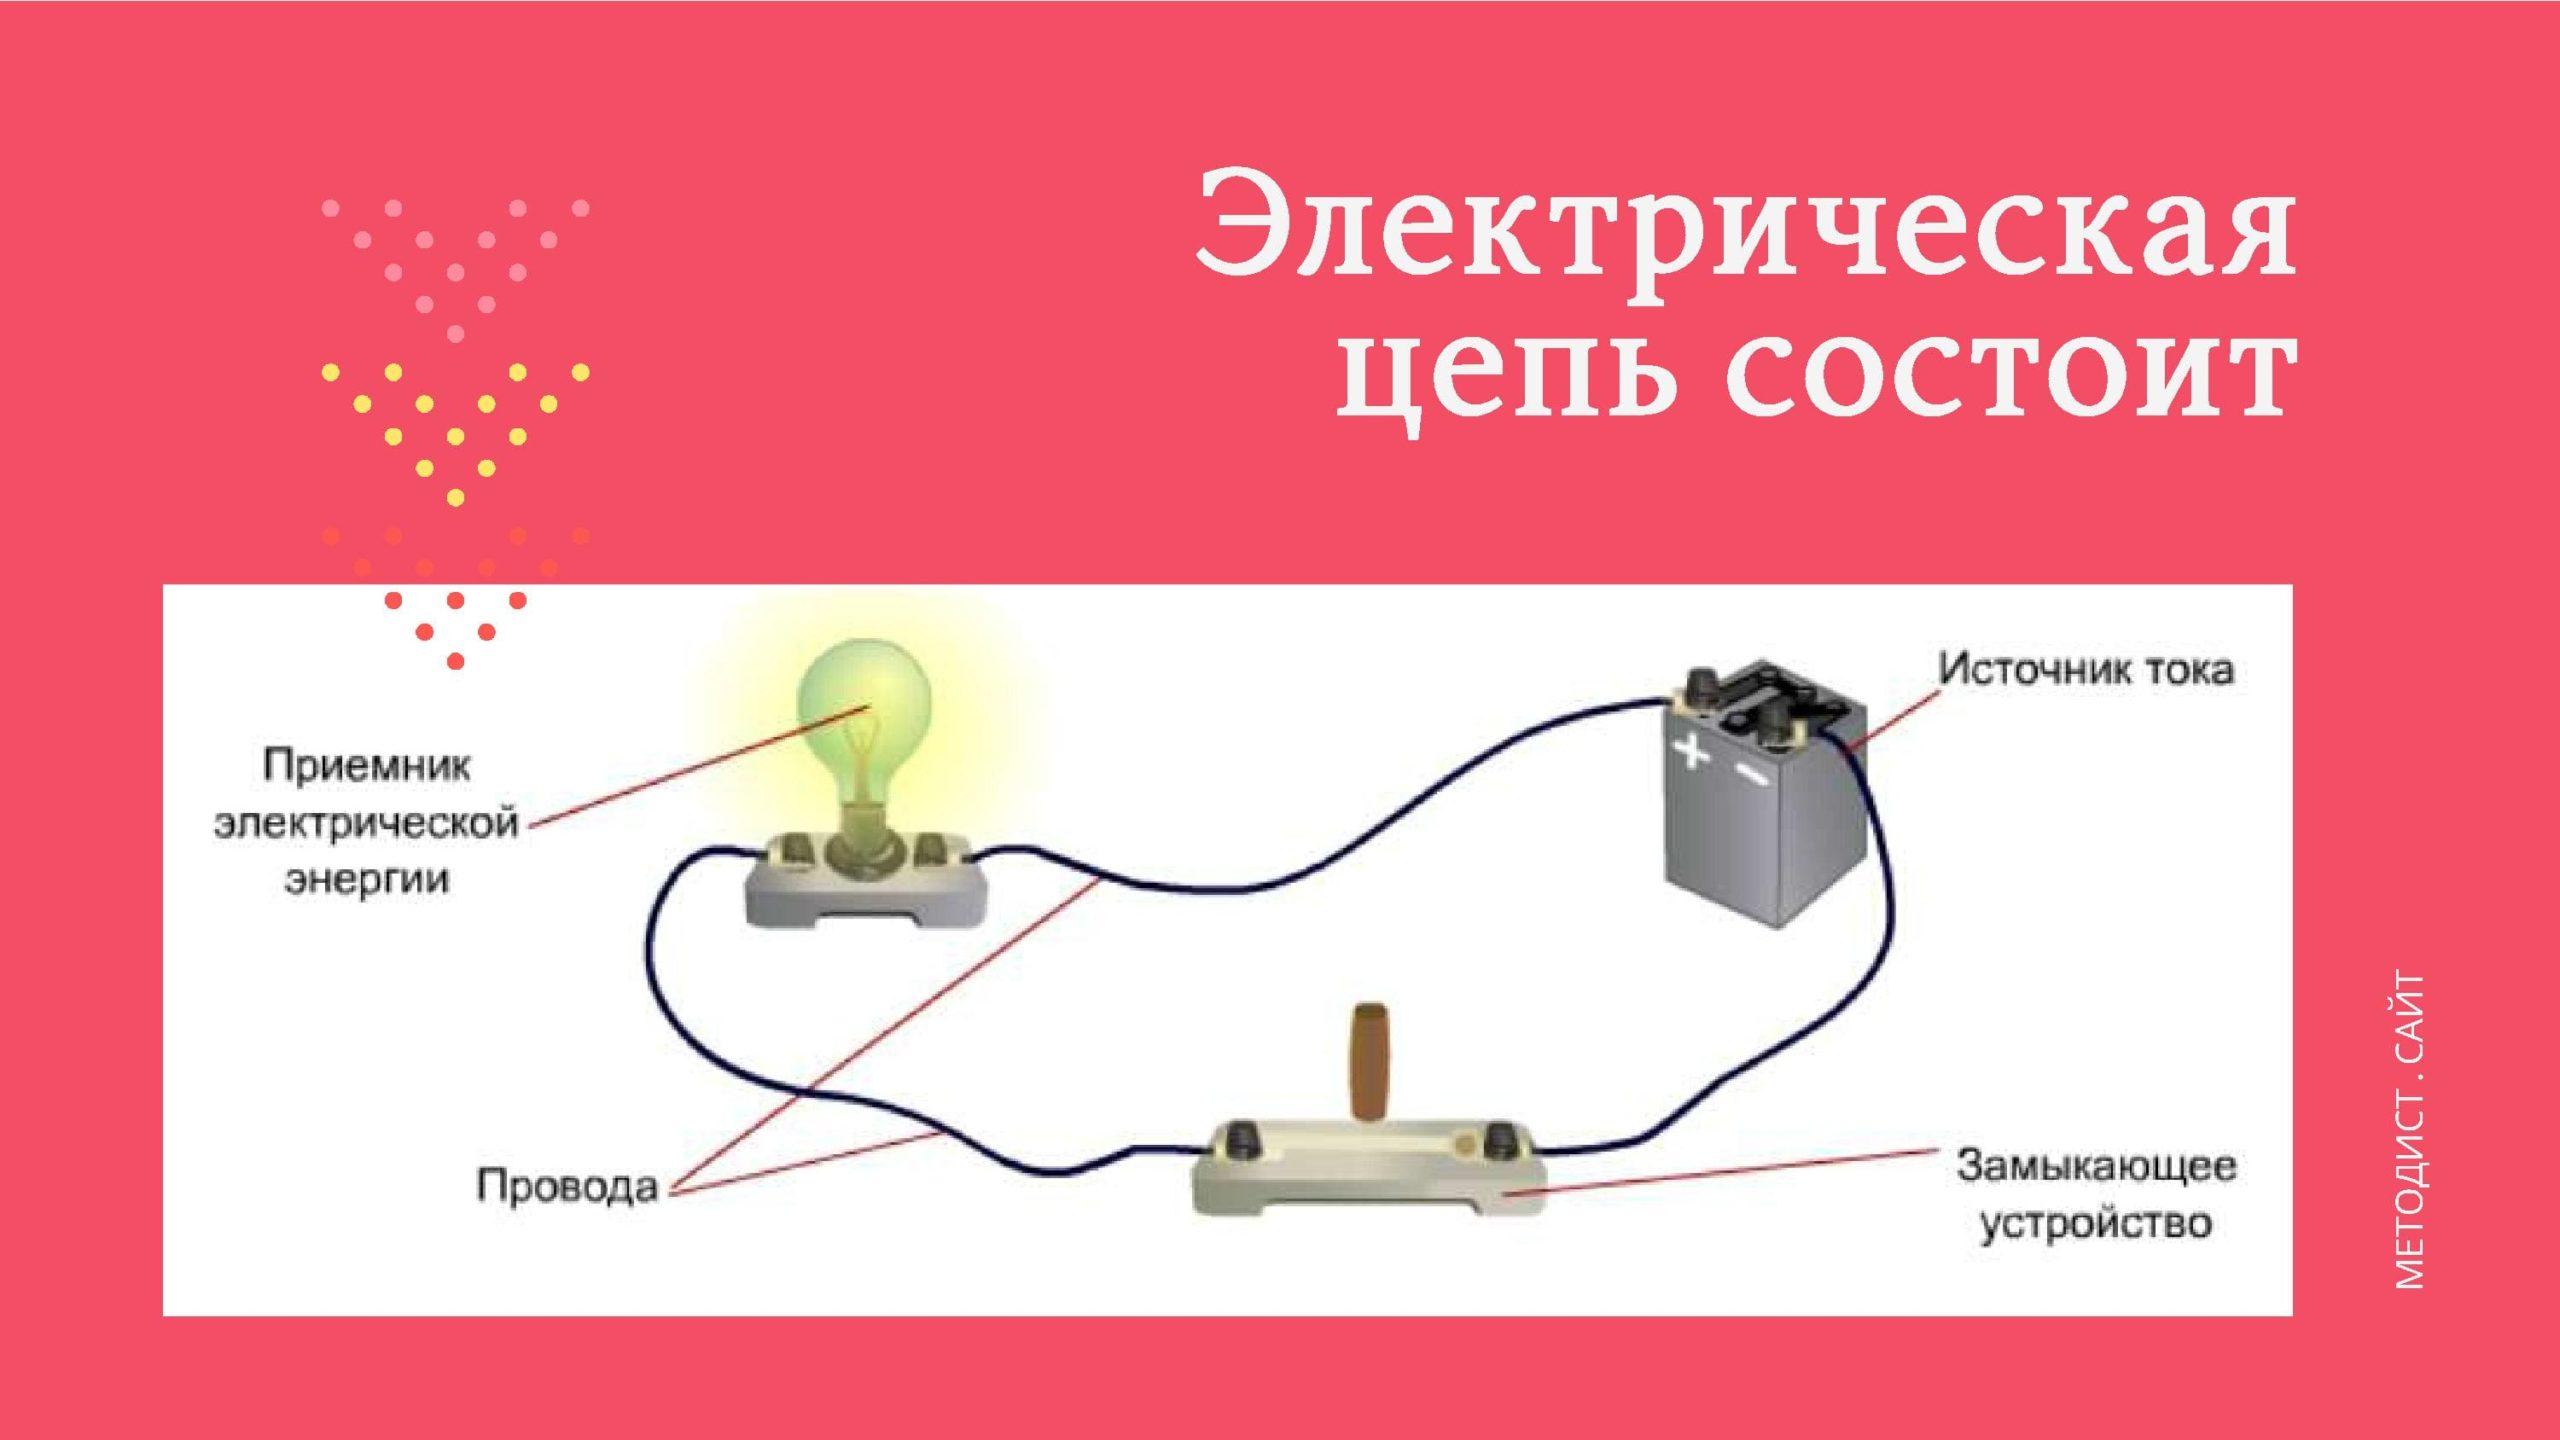 Электрическая цепь состоит